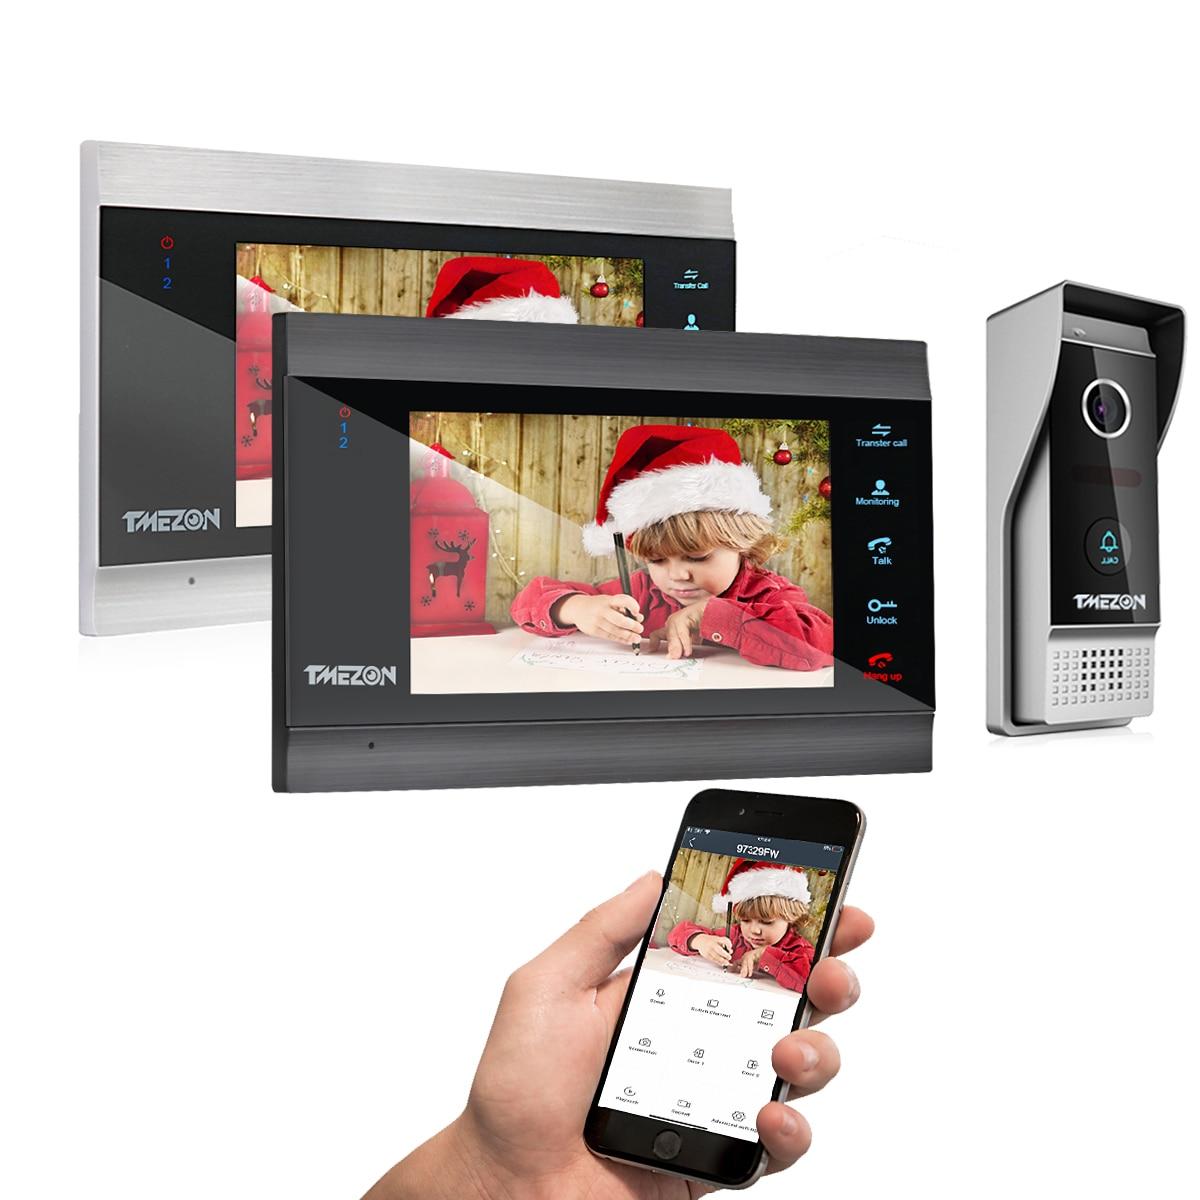 【جديد تويا 1080P 】 تميزون 7 بوصة اللاسلكية واي فاي الذكية تليفون باب بفيديو نظام اتصال داخلي مع 2 مراقب 1 كاميرا جرس الباب غير نافذ للمطر